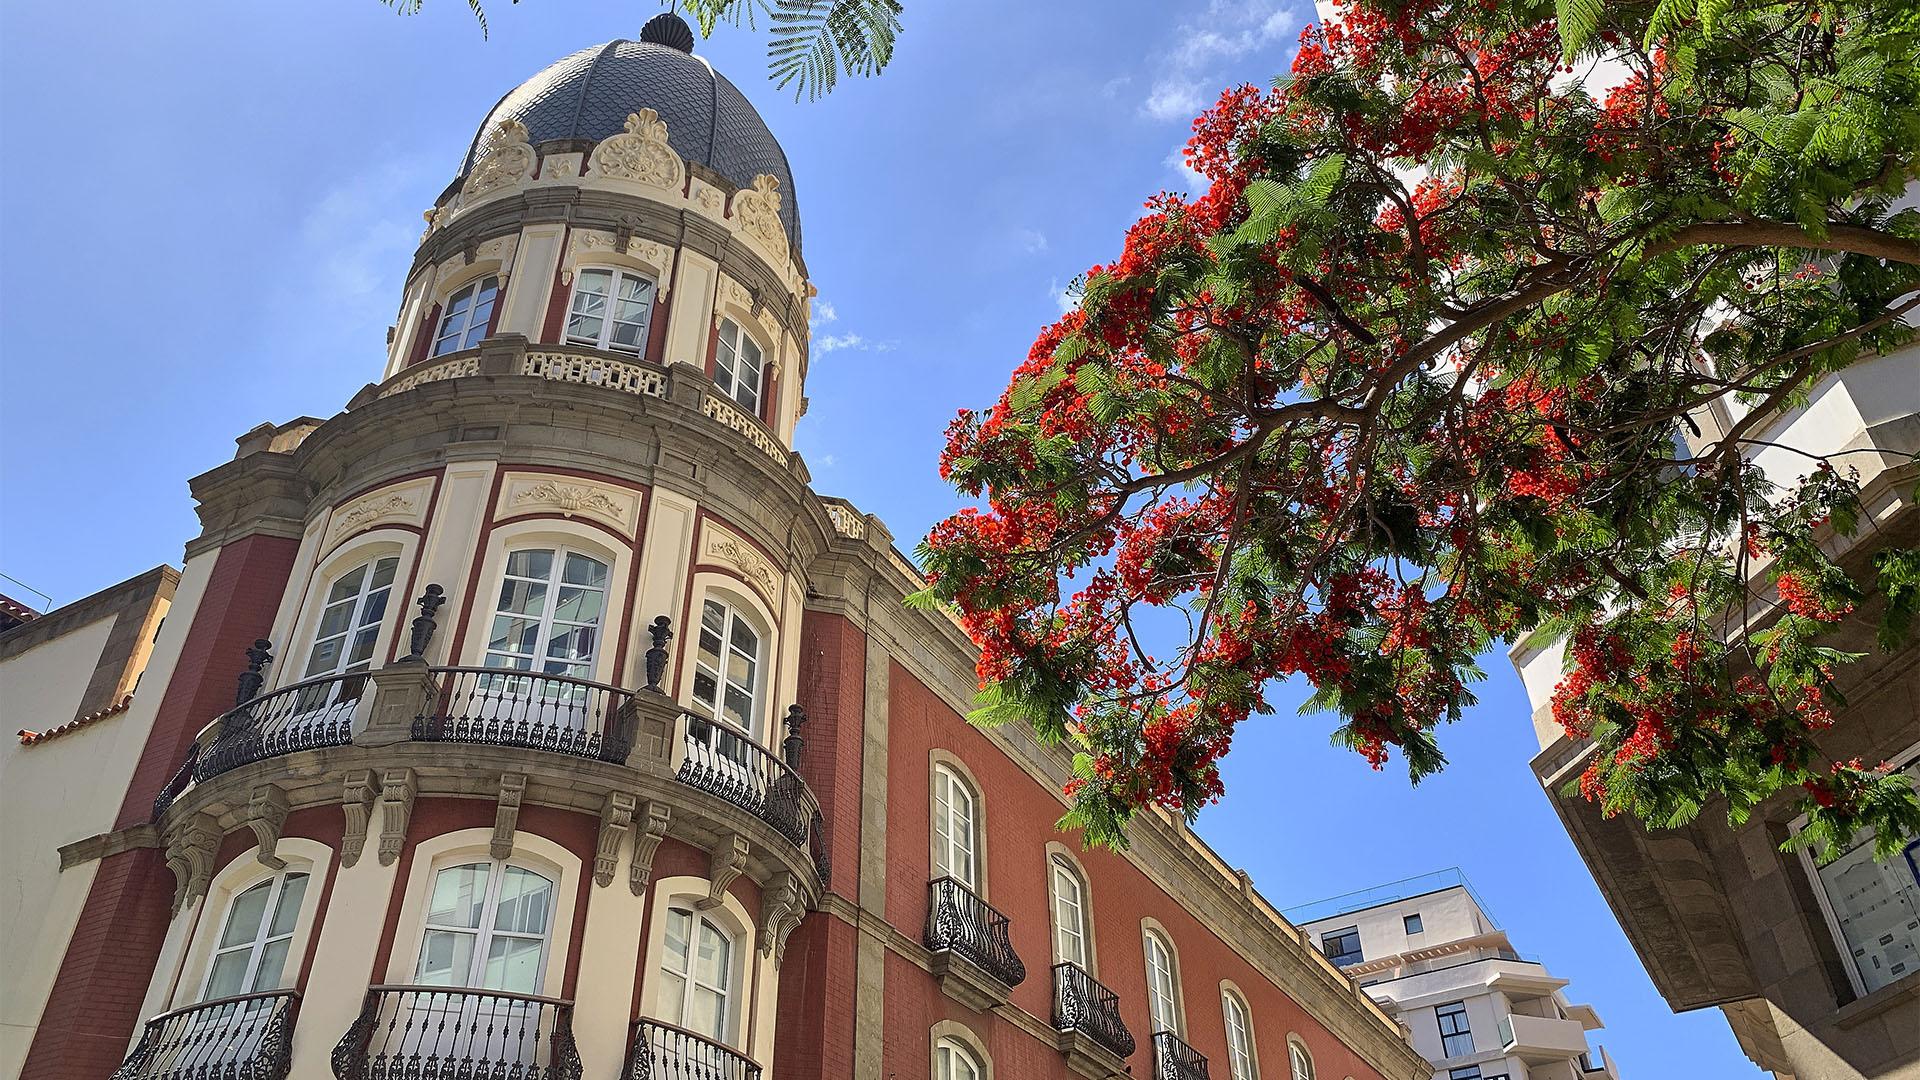 Die Altstadt von Santa Cruz de Tenerife.